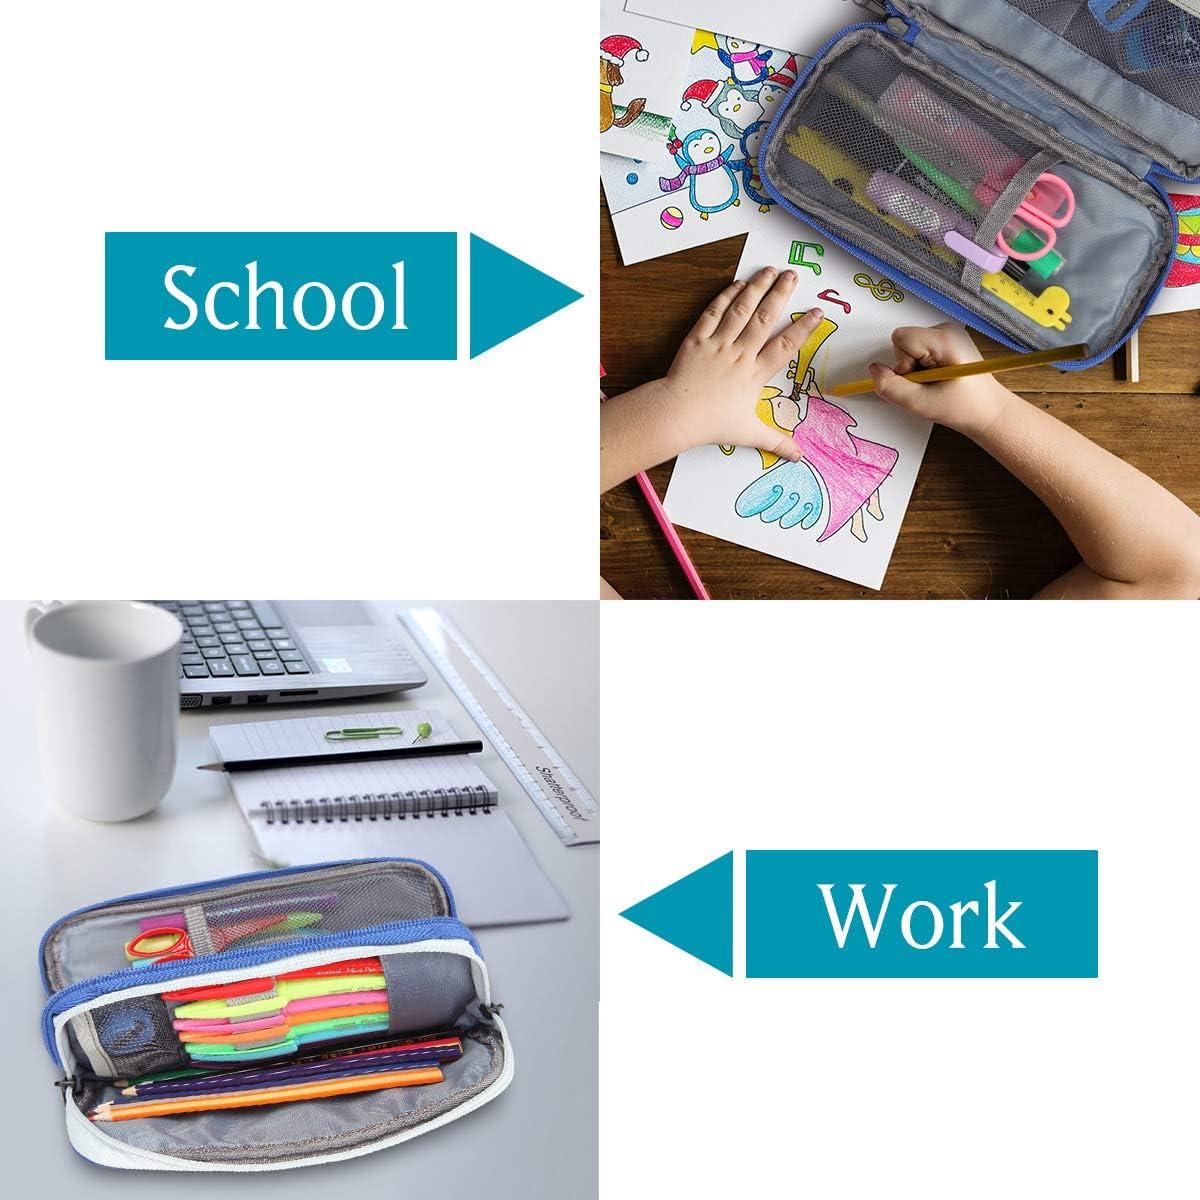 Rose Trousse Papeterie de Bureau /Étui en Stylo en Polyester /Étui pour Crayon Sac pour Organisateur /à Crayon Vaschy Trousse